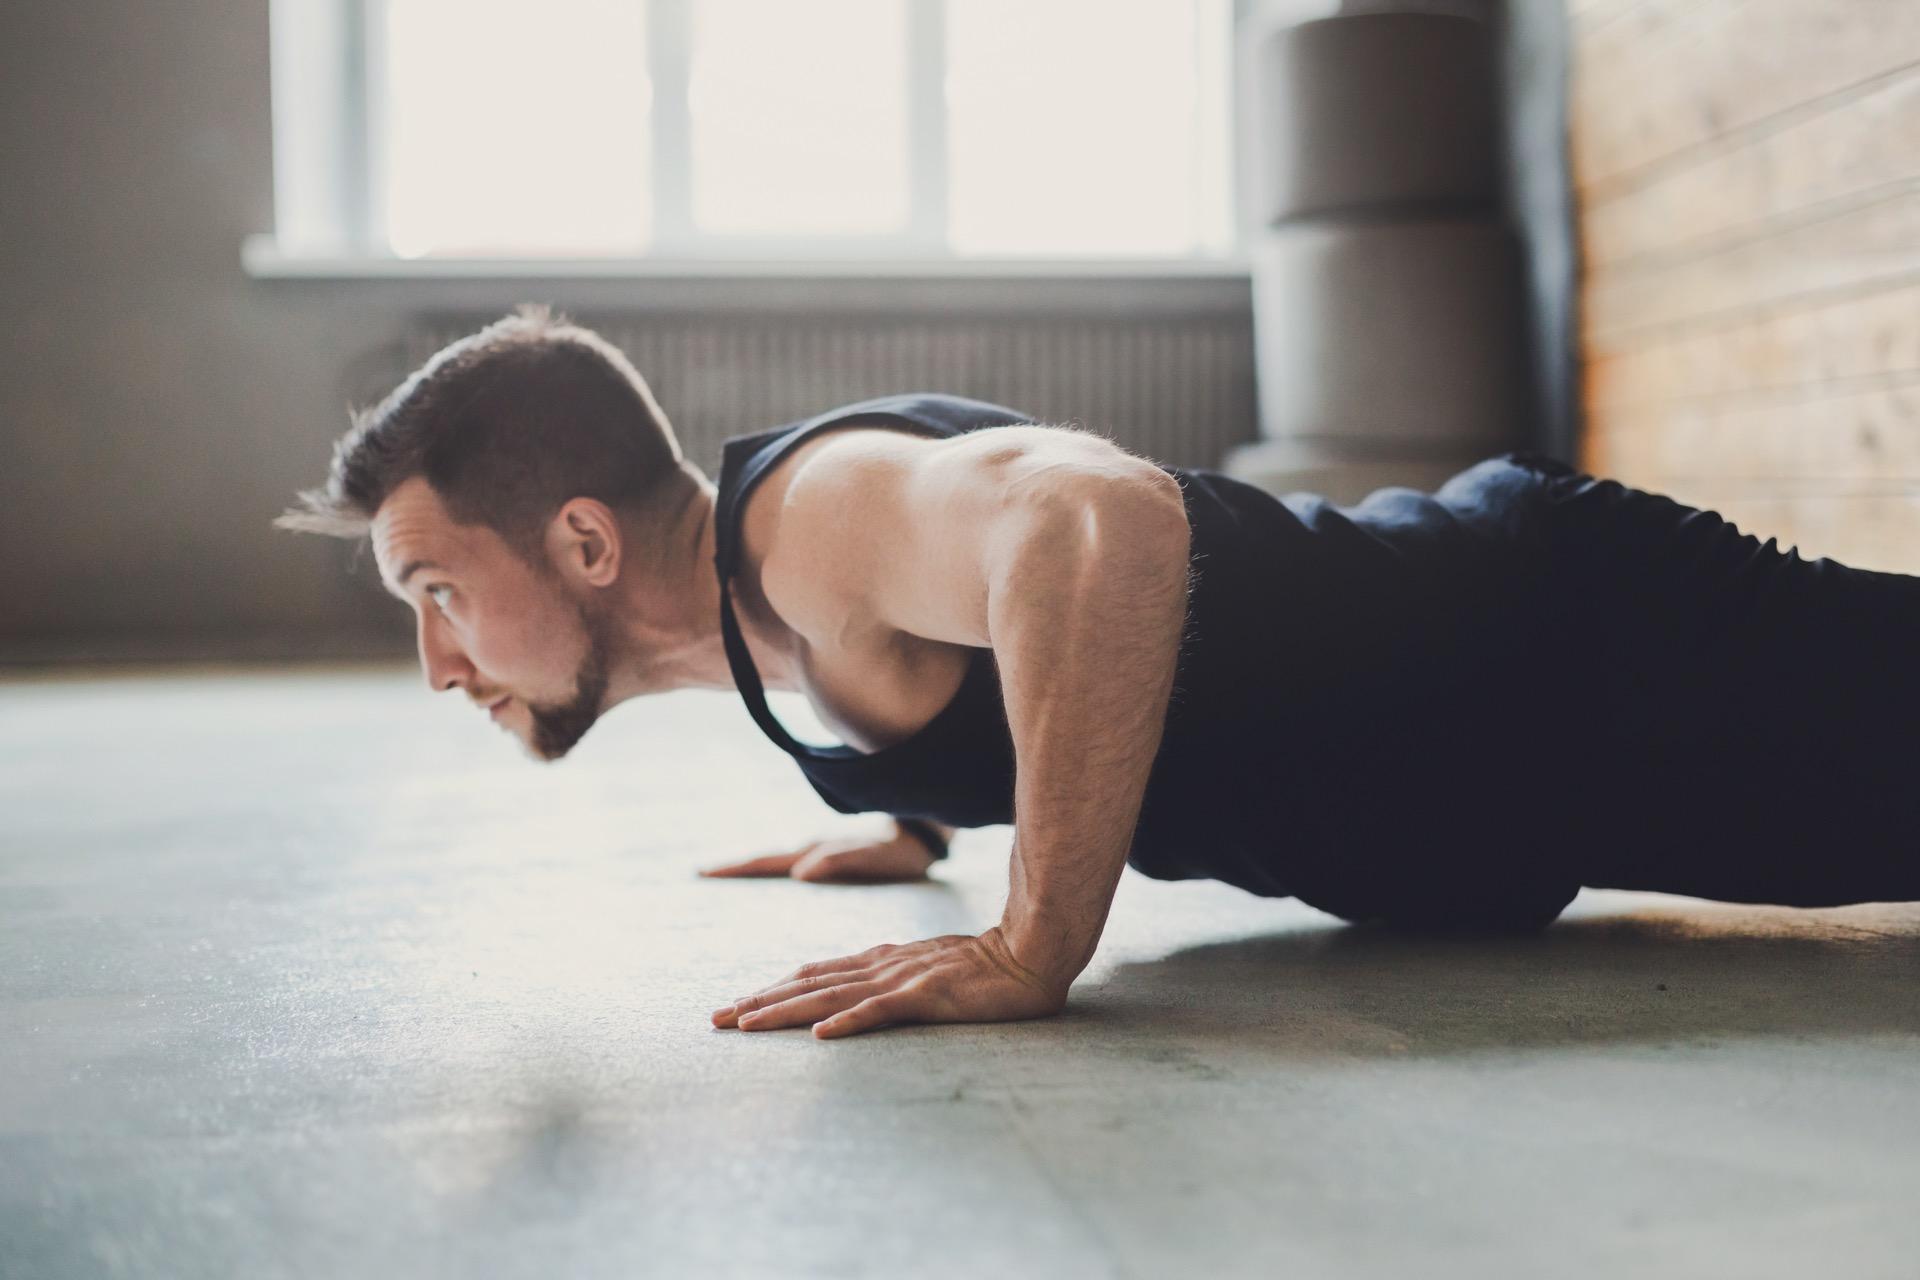 fitness trender og trening med kroppsvekt